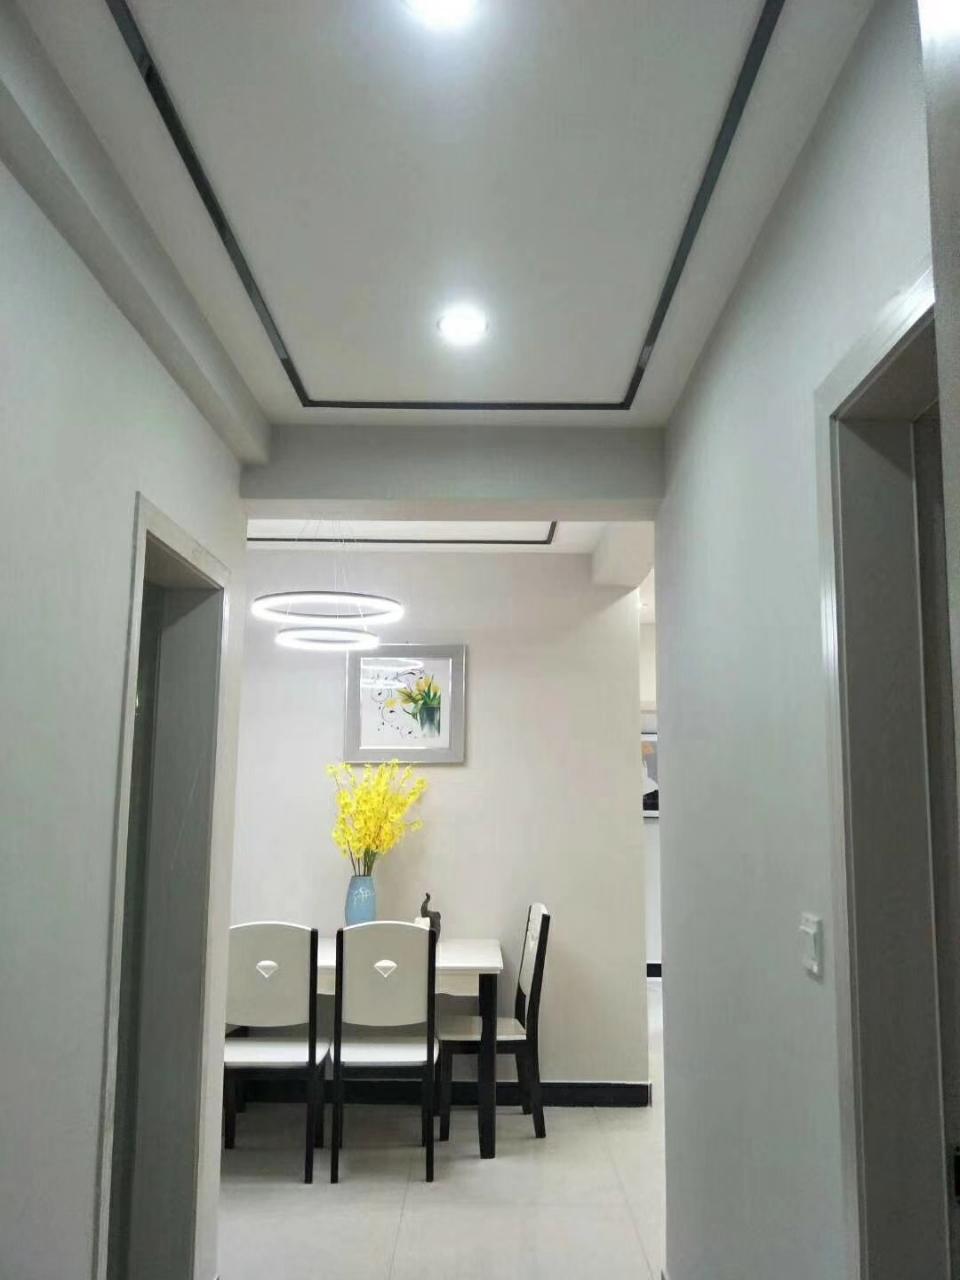 景观兴城3室 2厅 2卫88.88万元